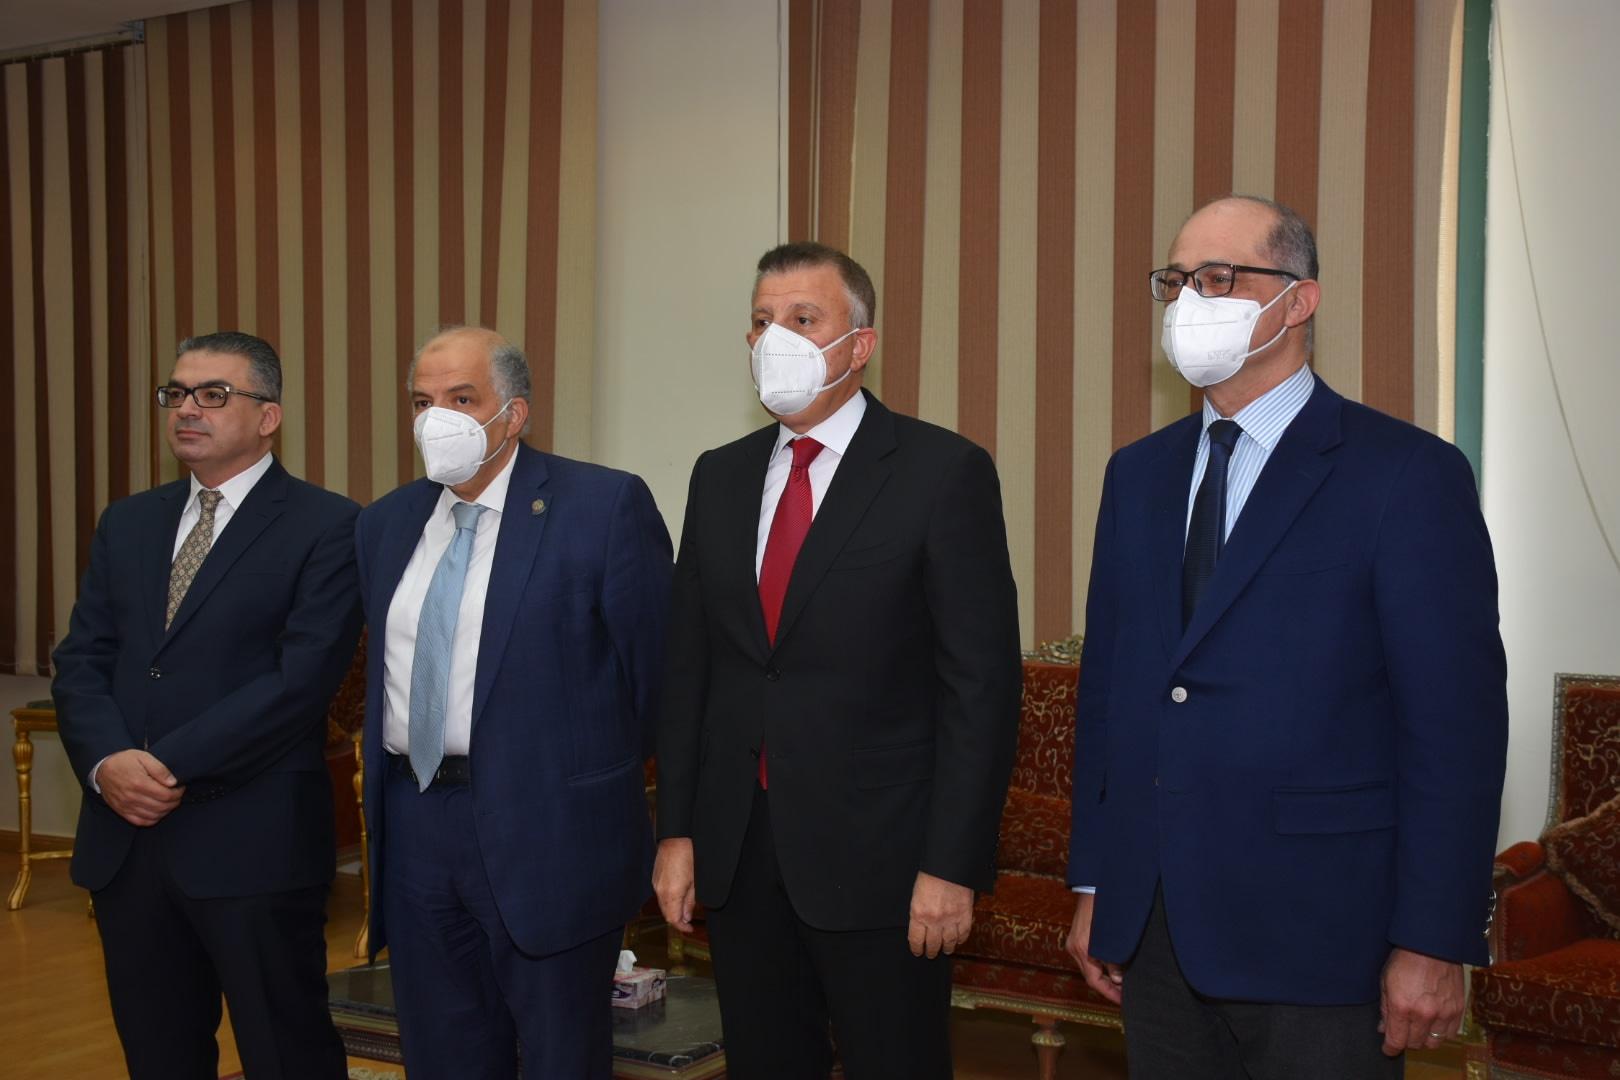 رئيس البنك الأهلي: 400 مليون جنيه لتطوير مختلف التخصصات الطبية بجامعة عين شمس